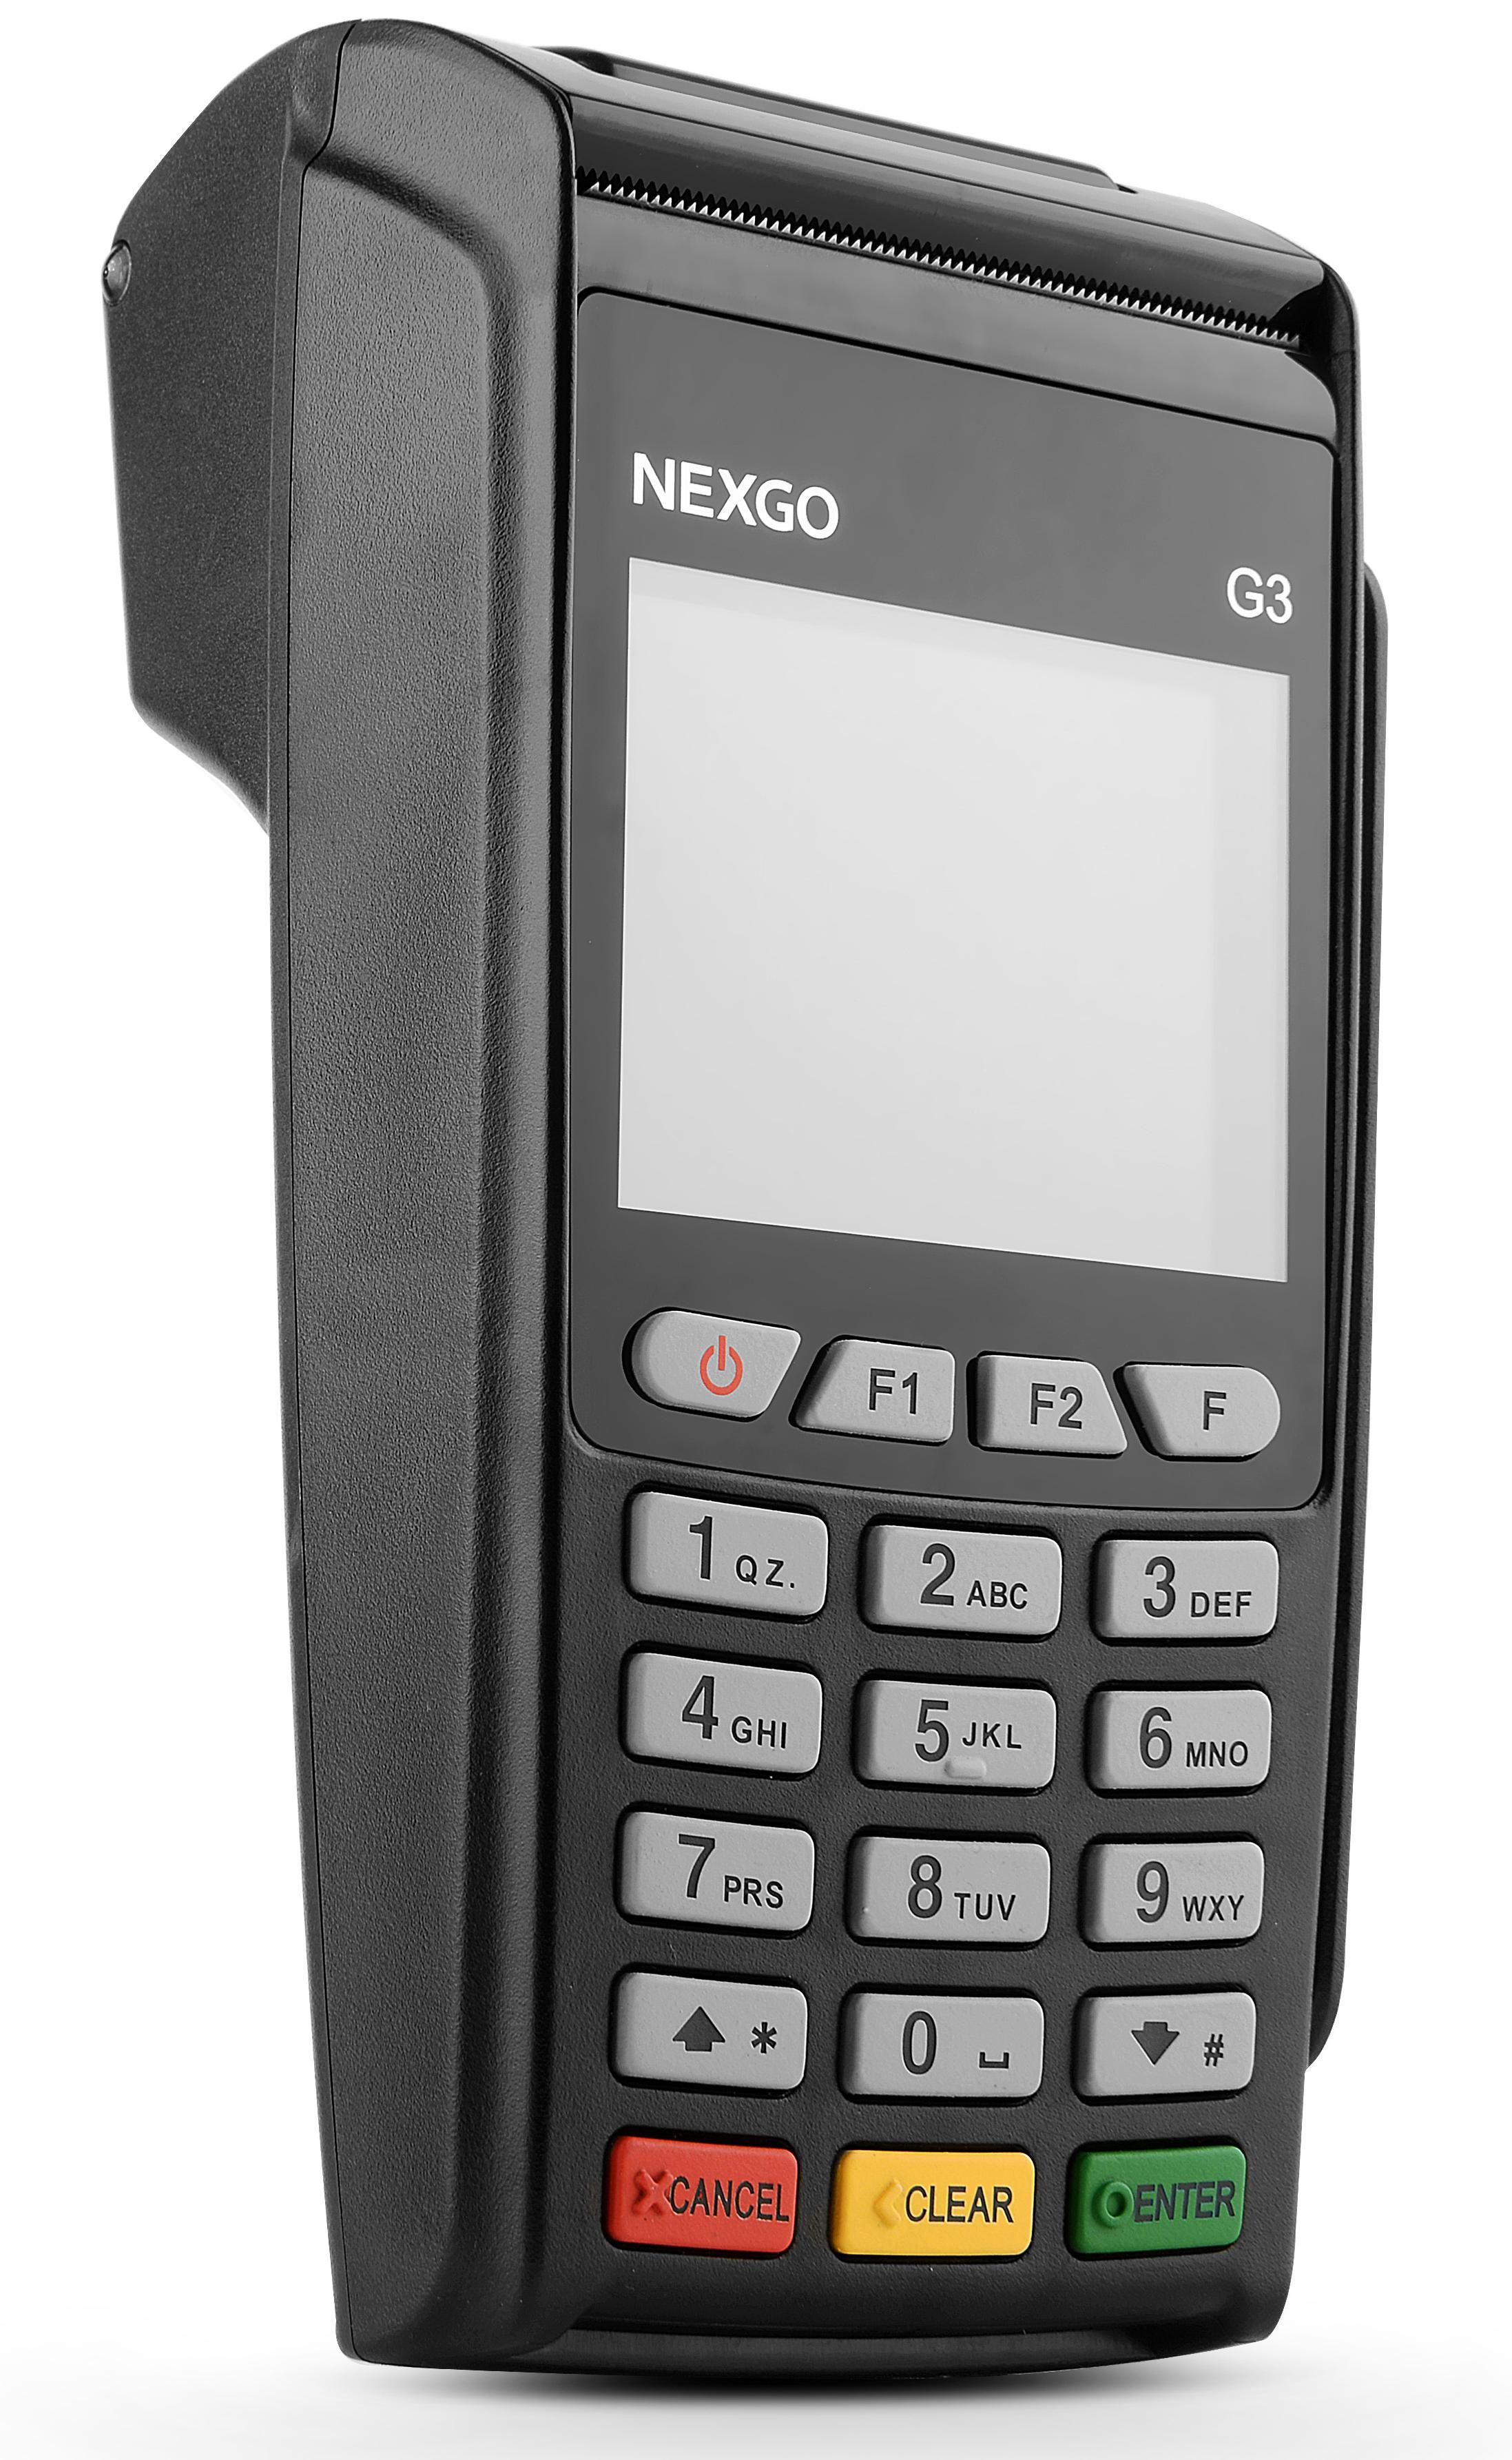 8692150134957 Купить платежный терминал, пин-пад для платежных банковских карт в ...